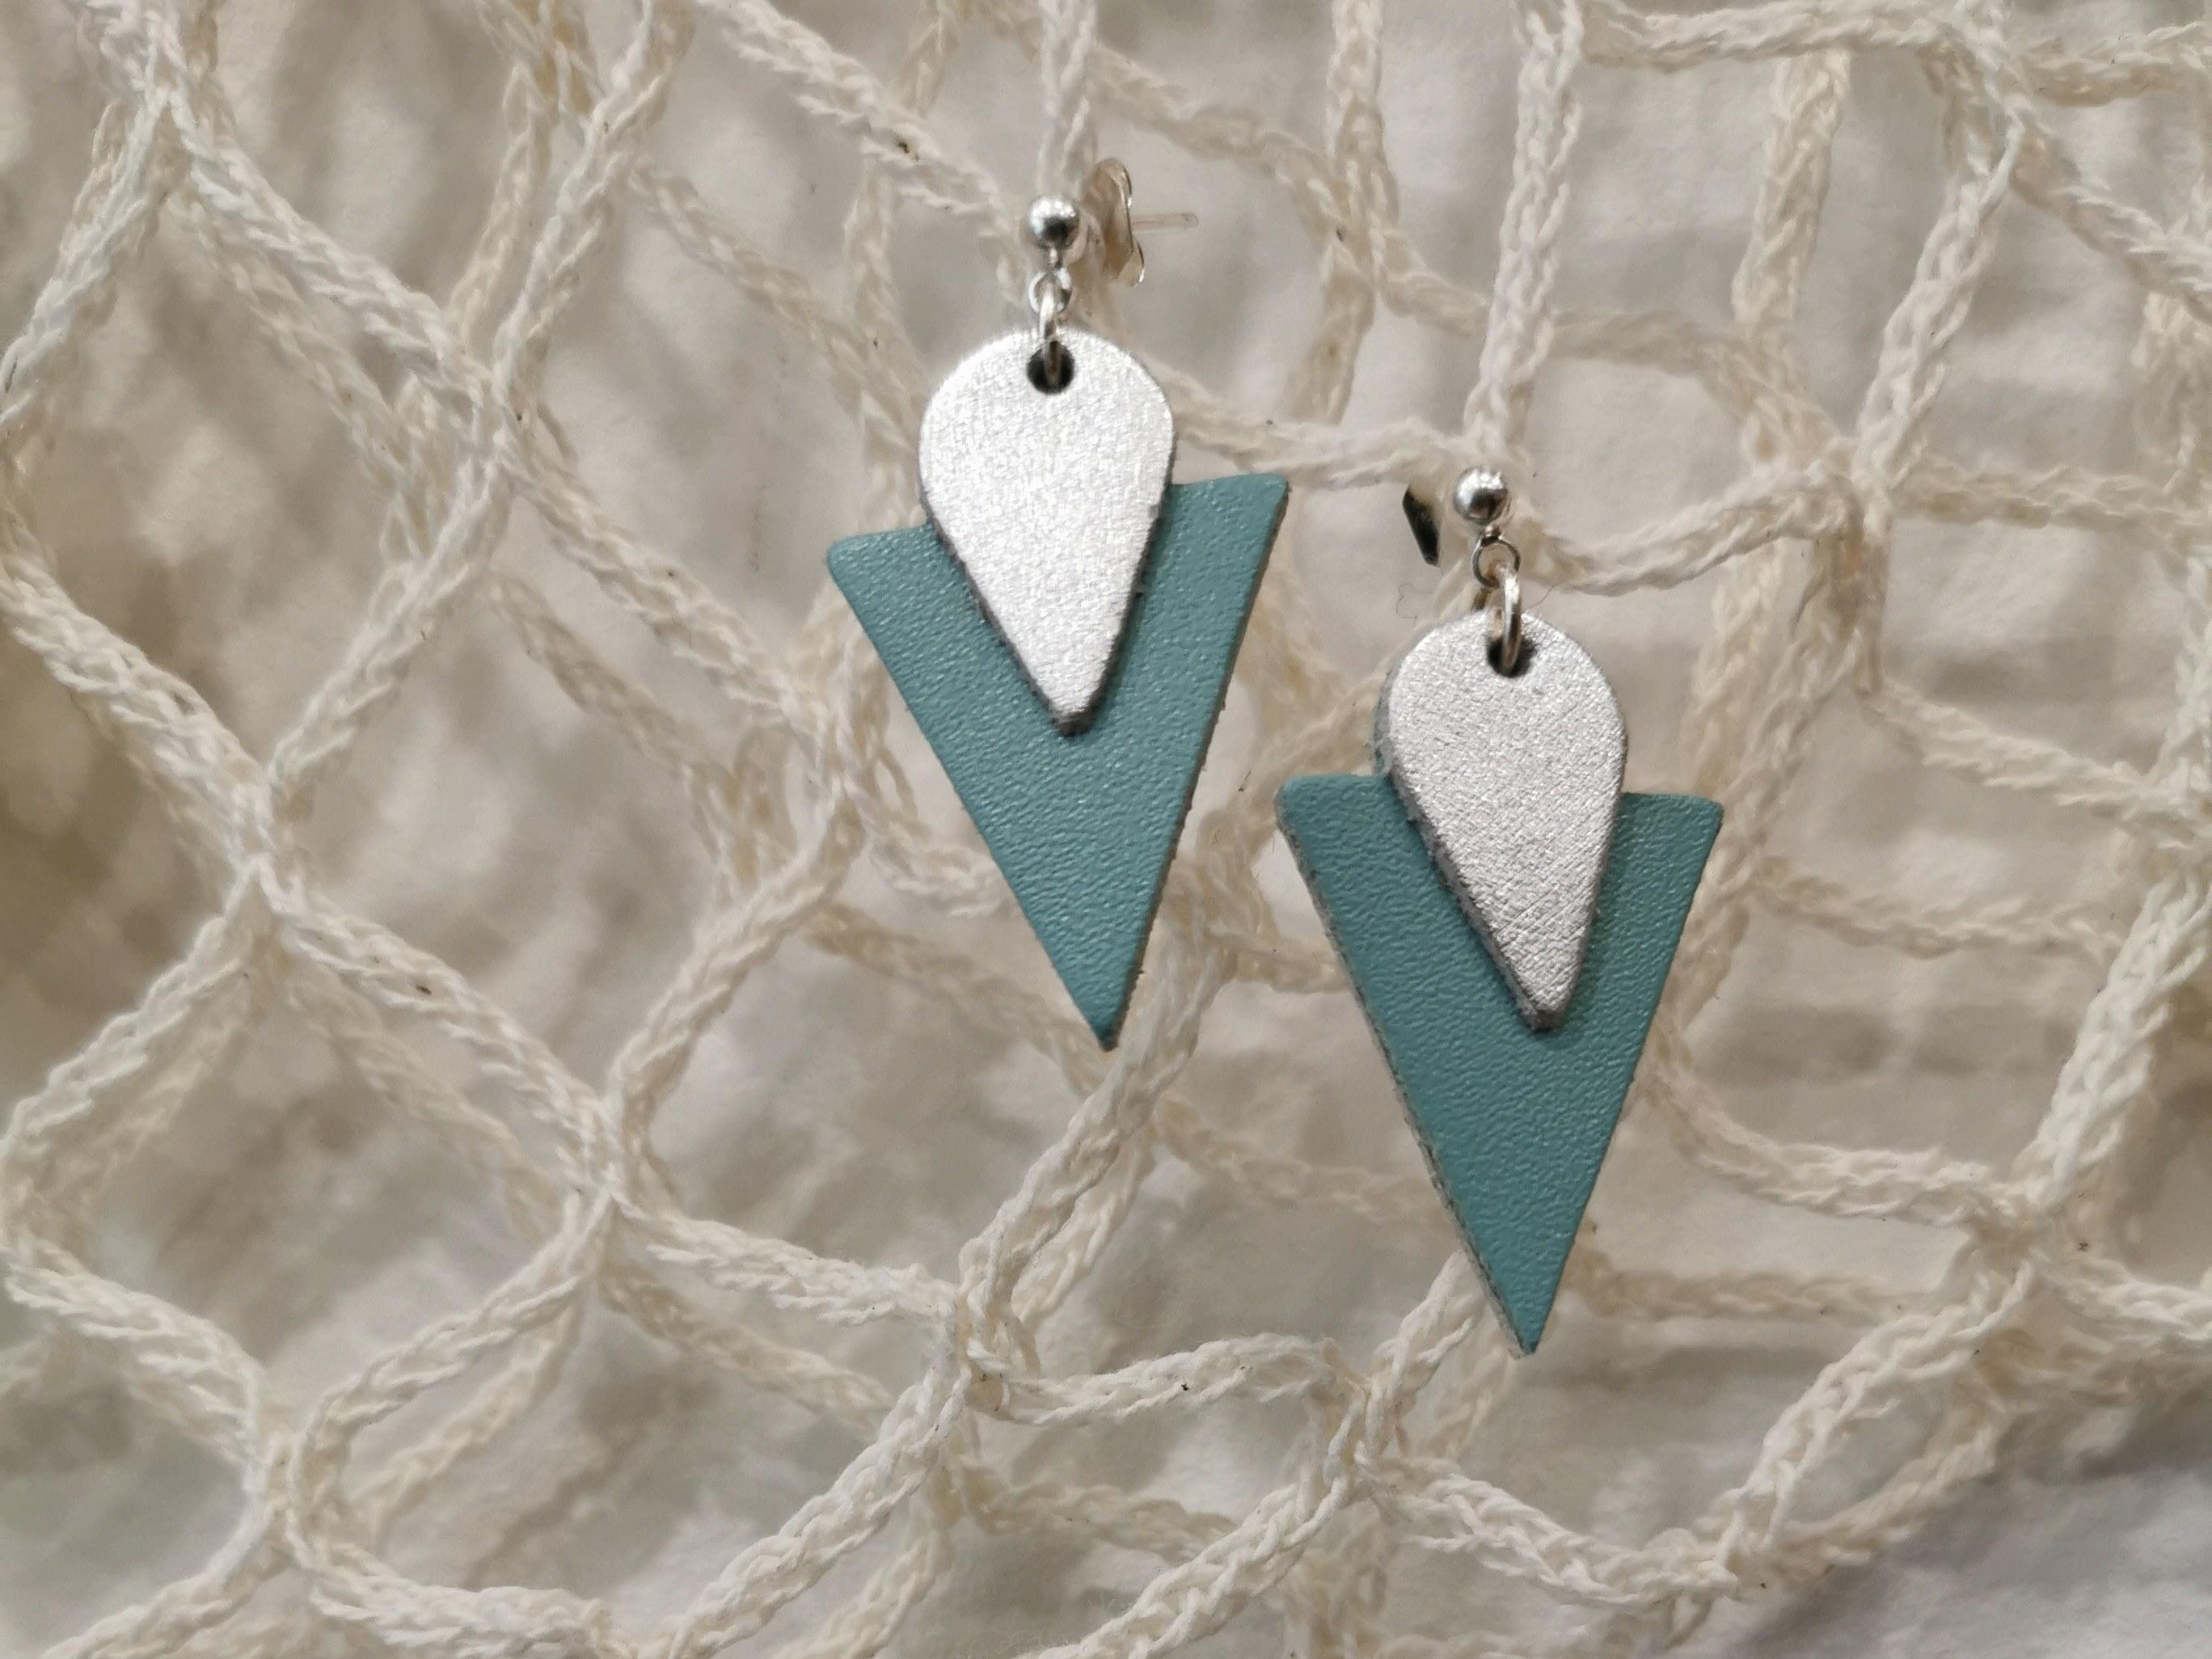 Boucles-d-oreilles triangle turquoise de ni une ni deux